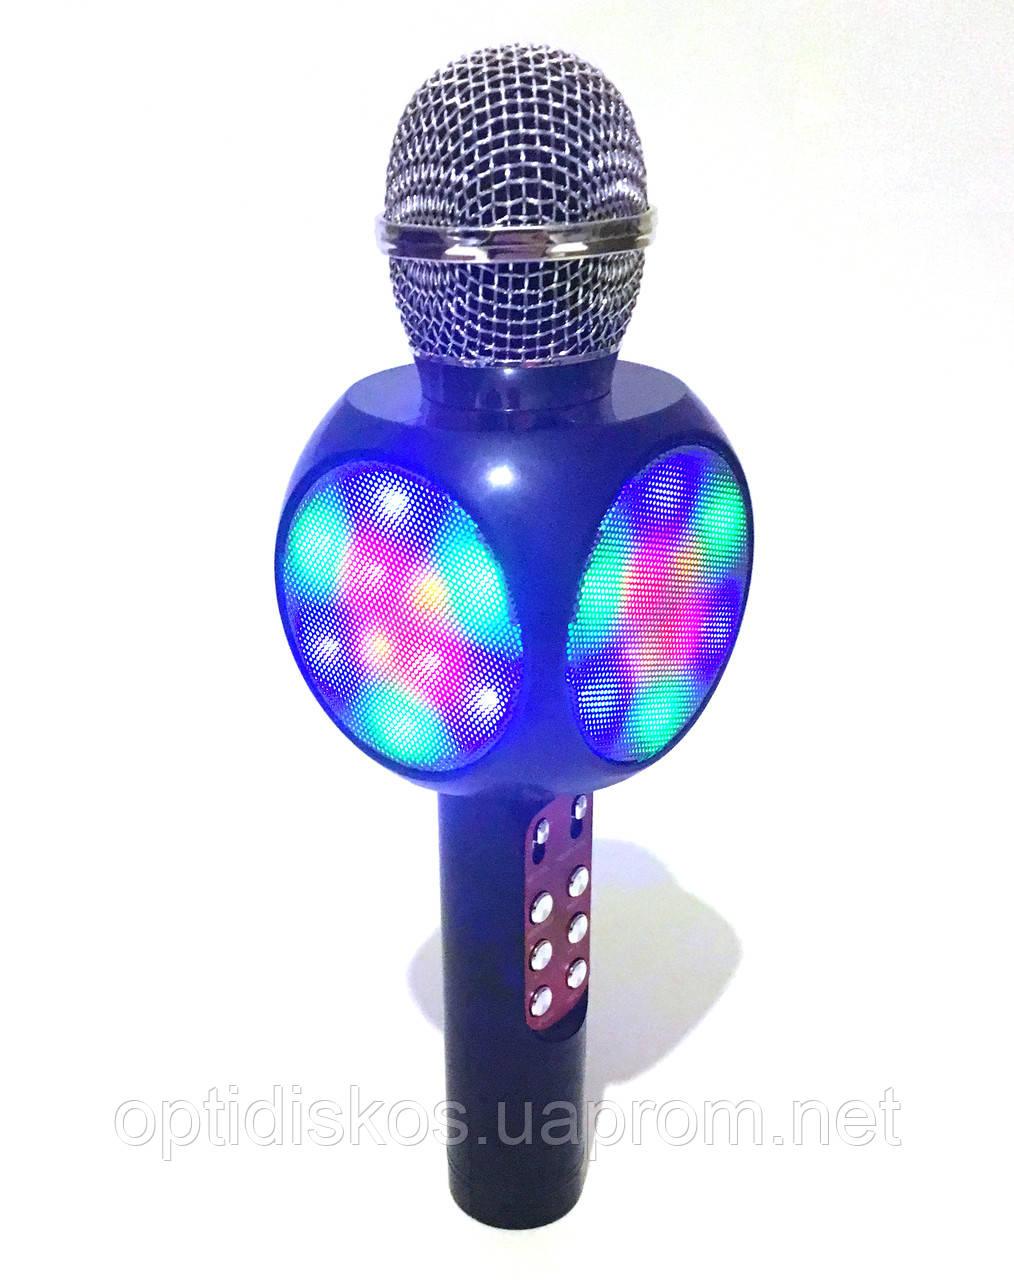 Беспроводной караоке микрофон с динамиком и цветомузыкой, WS-1816 (USB, microSD, AUX, FM, Bluetooth)